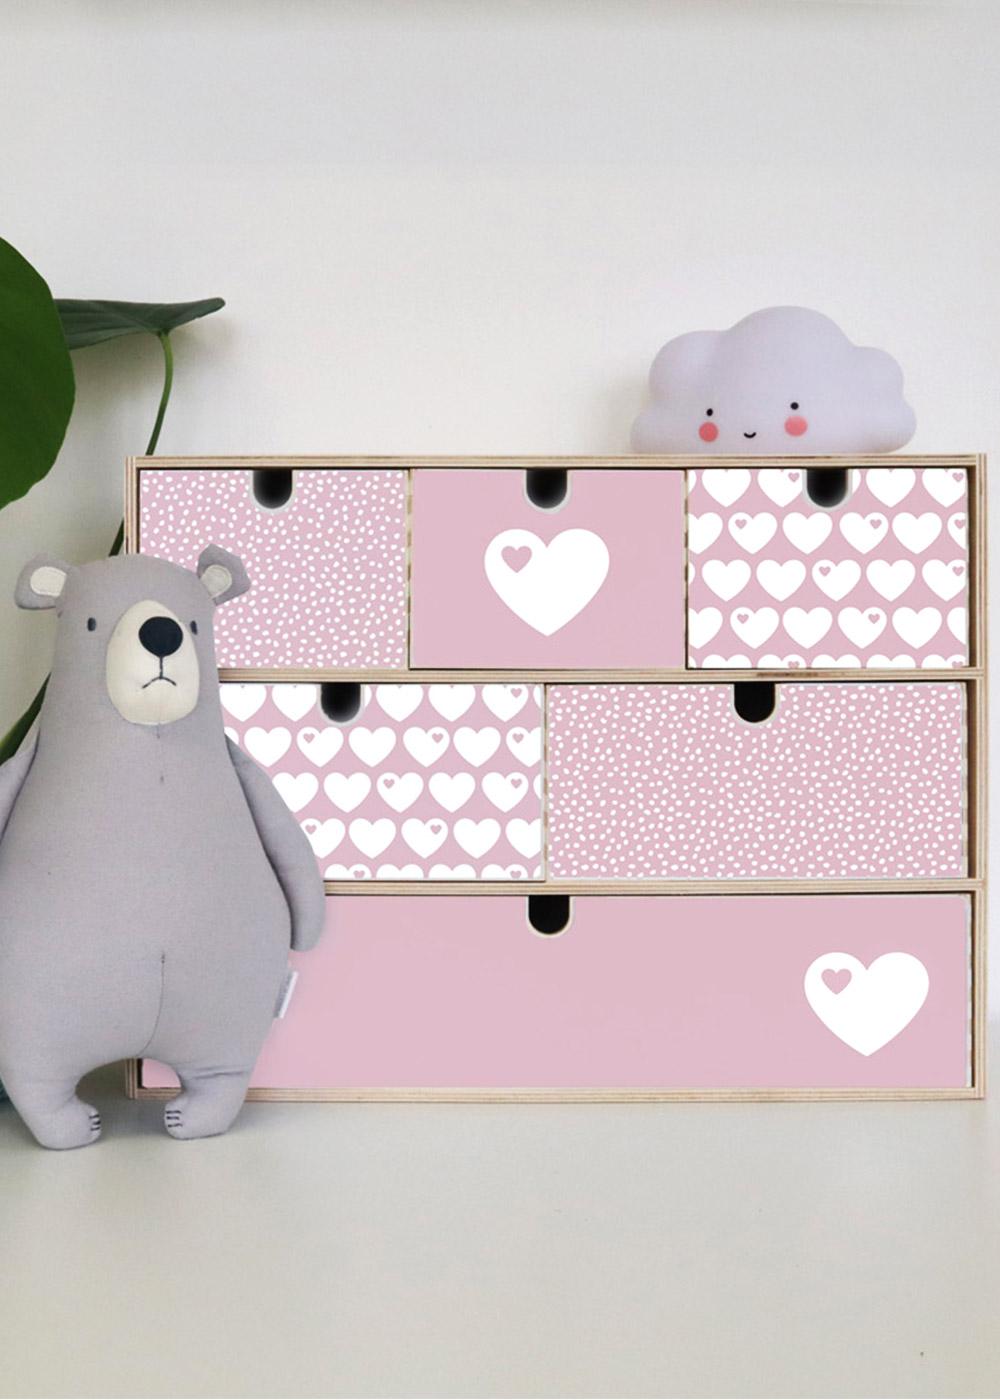 Klebefolie Ikea große Moppe ByGraziela Herz rosa Einrichtungsbeispiel mit Bär